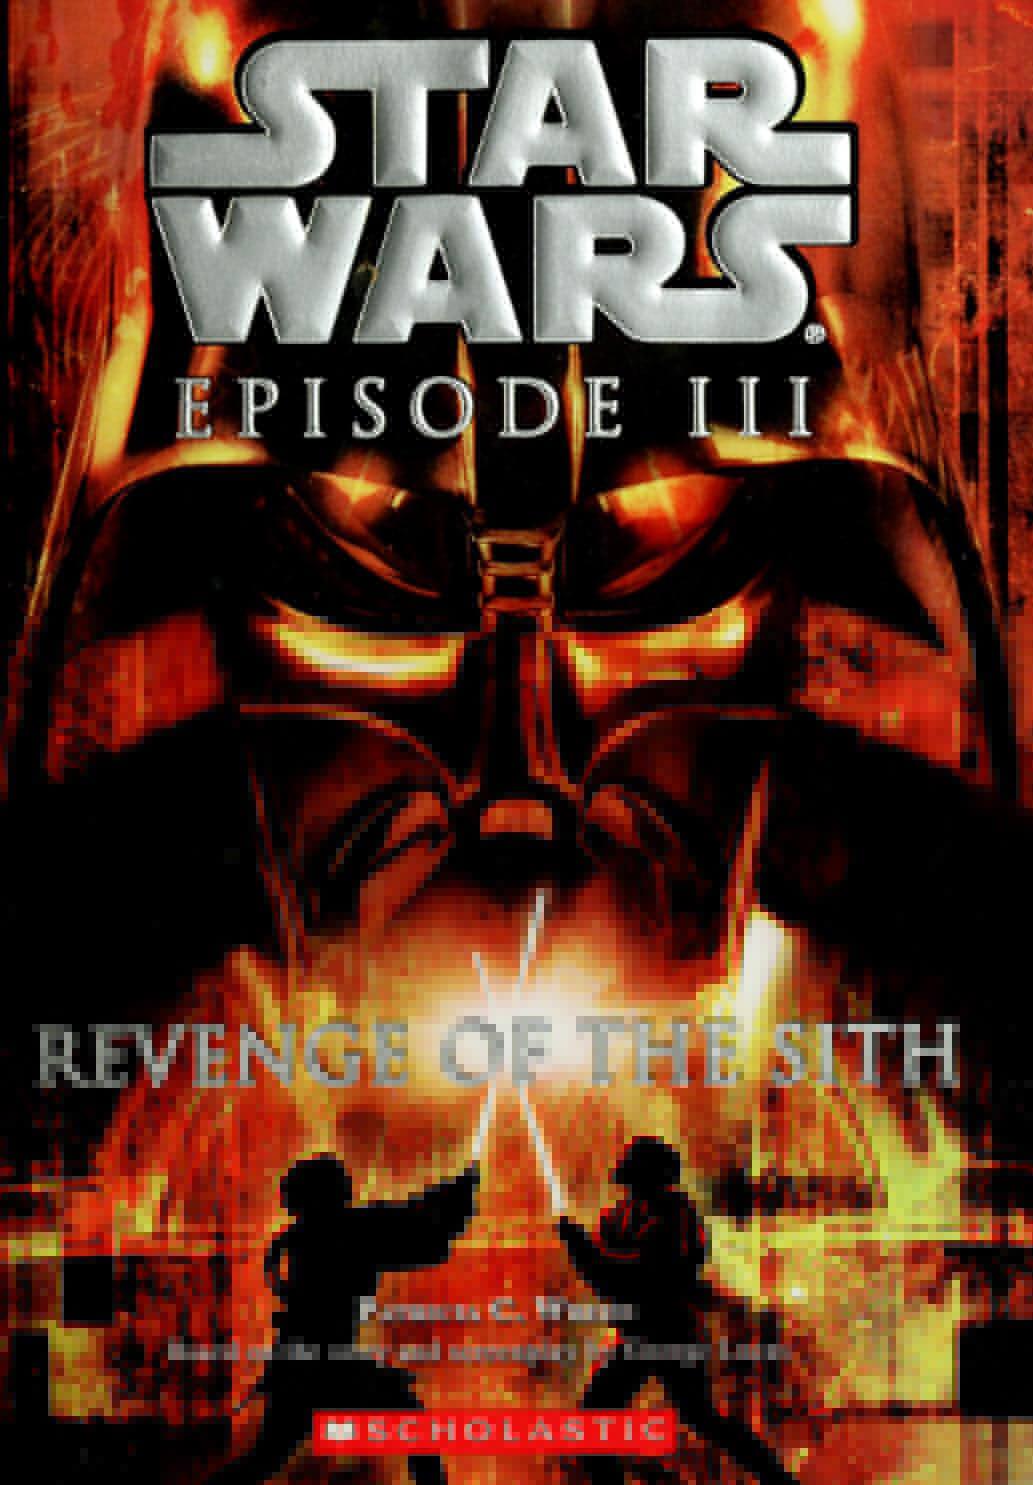 Star Wars Episode III: Revenge of the Sith (YA)